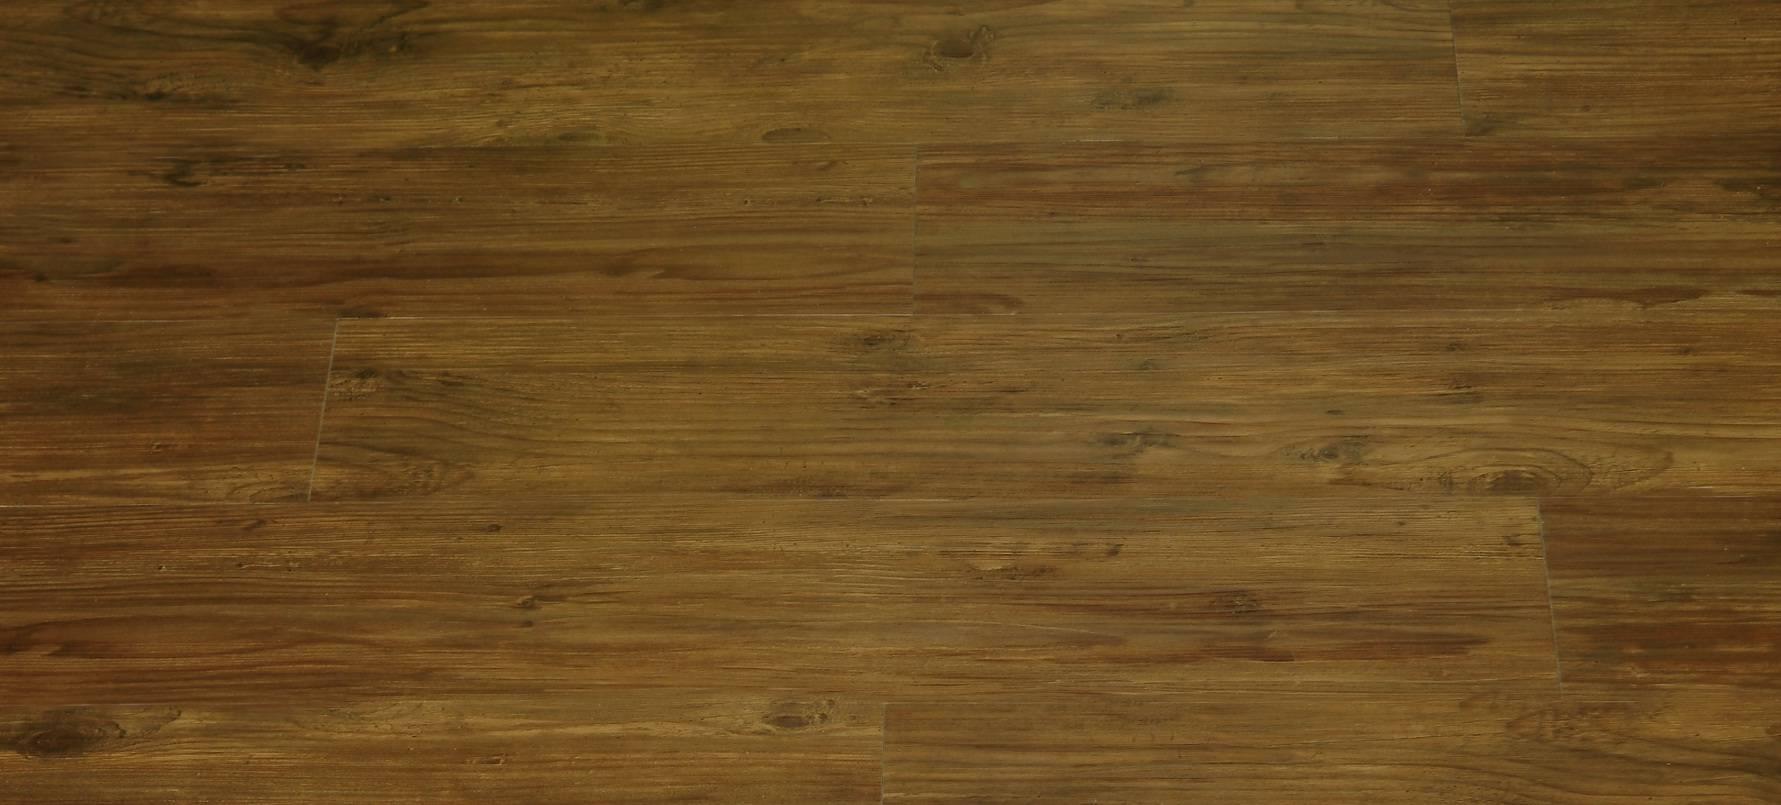 Unideco Luxury Vinyl Tile 6033